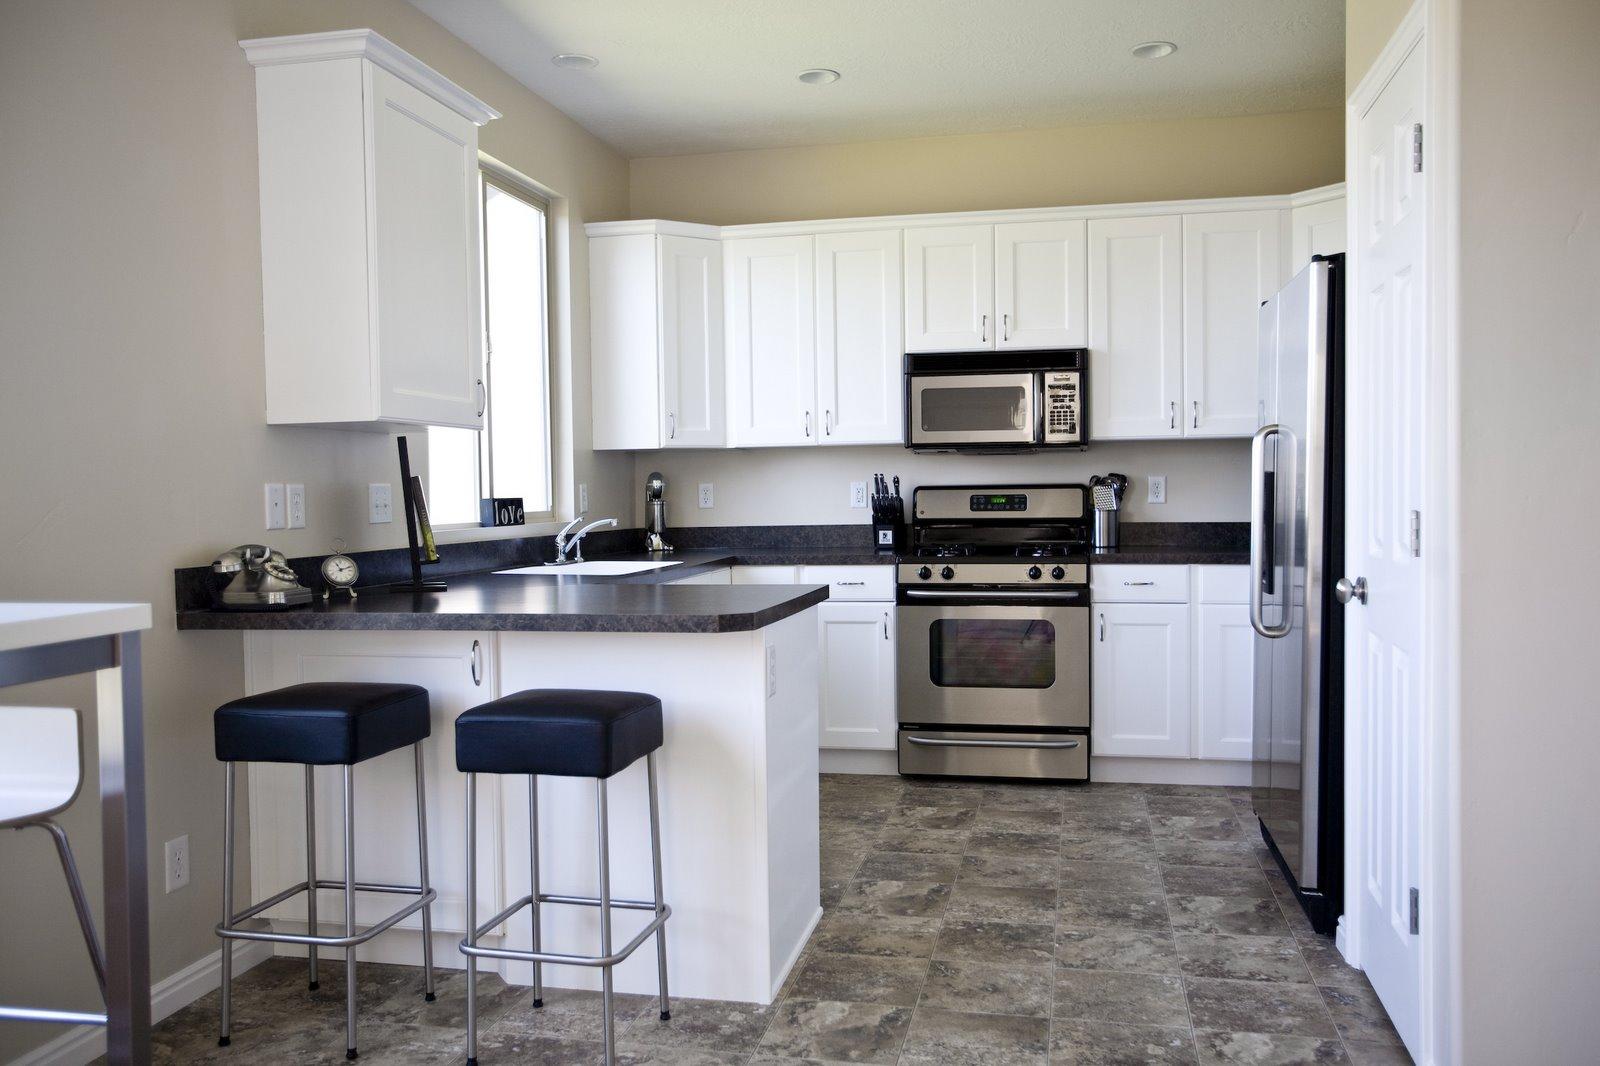 Nampak Cantik A Dapur Kelihatan Agak Keras Tapi Ikut Citarasa Masing Saya Lebih Pilihan Warna Yang Lembut Untuk Tabletop